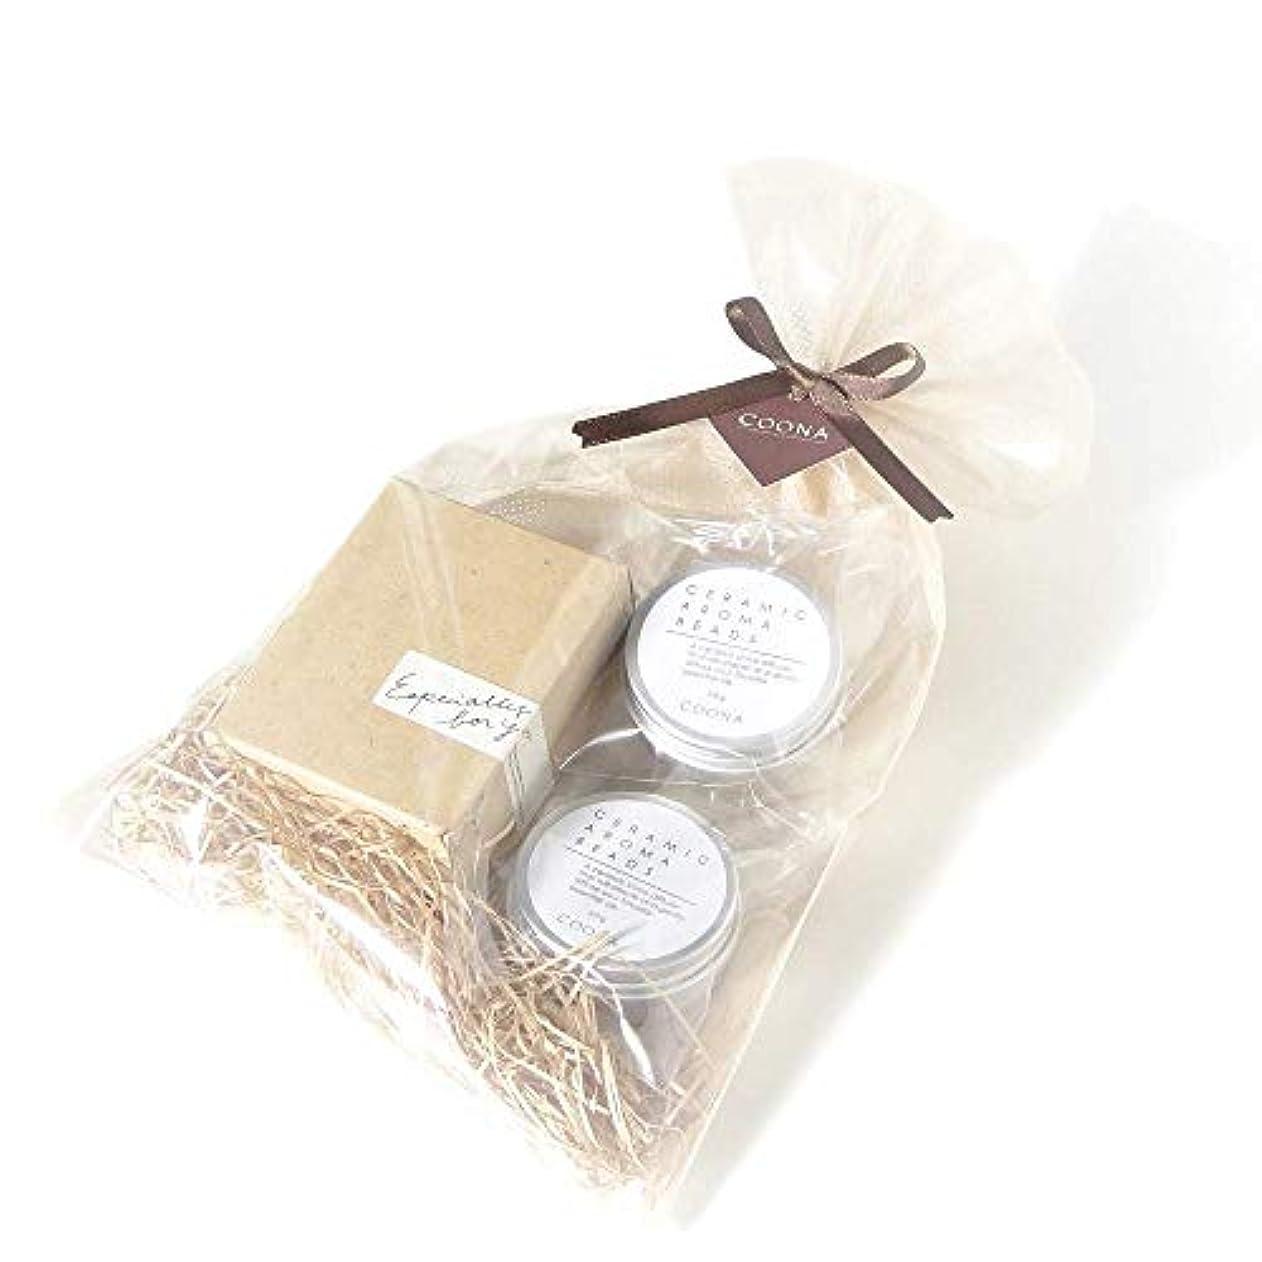 COONA アロマ エッセンシャルオイル (10 ml × 2本)&セラミックアロマビーズ 2個 ギフト セット (真正ラベンダー精油&オレンジスイート精油)